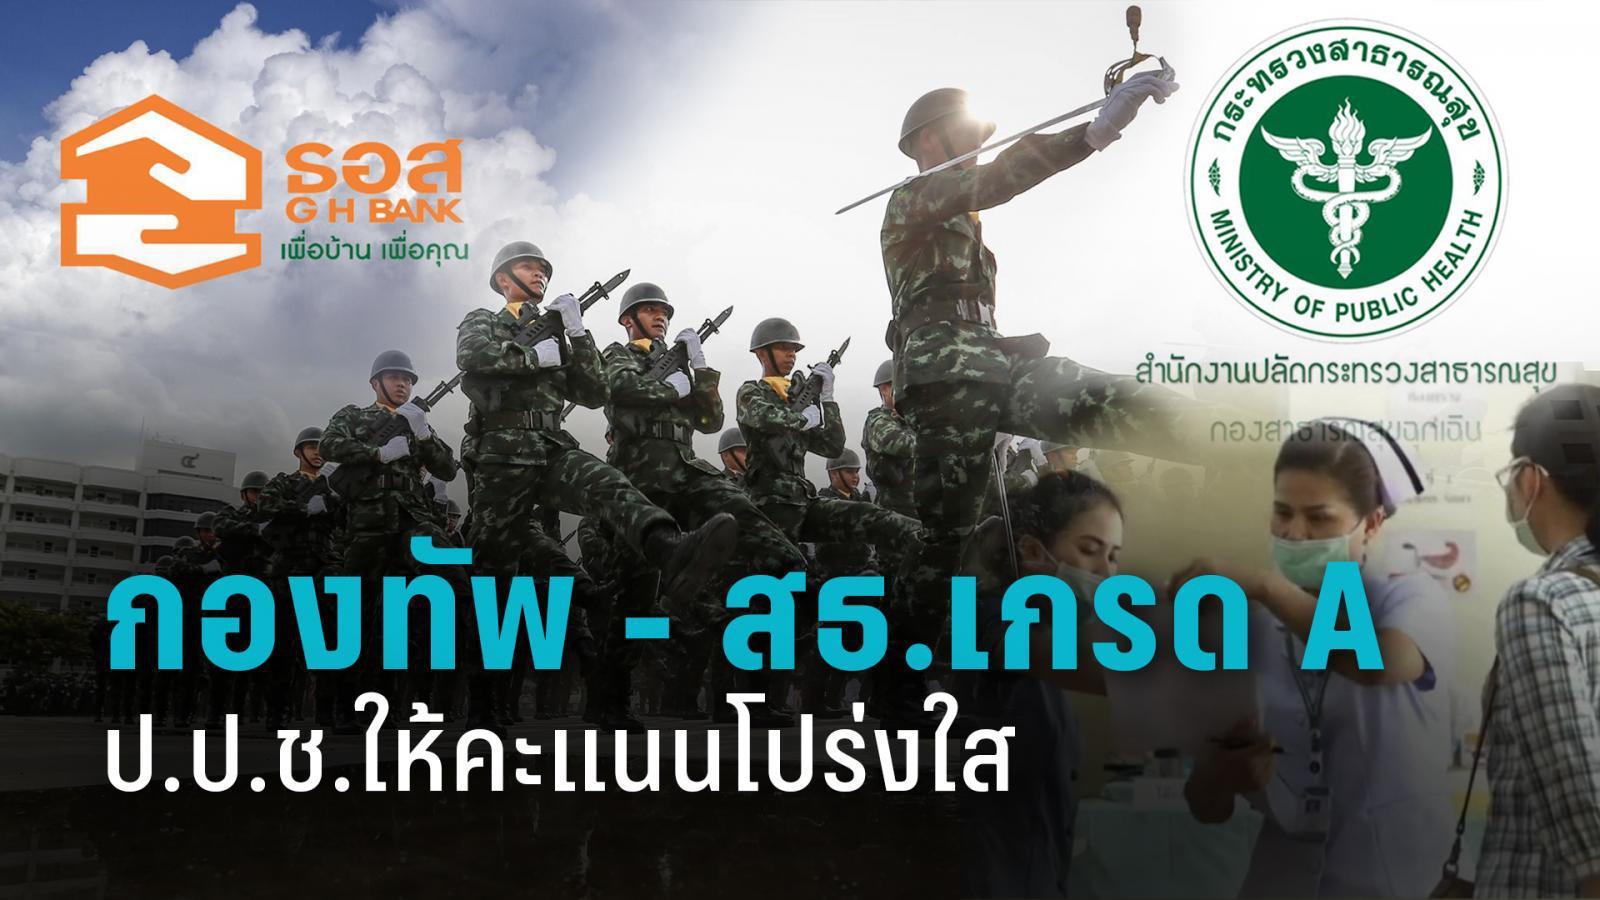 ป.ป.ช.ตัดเกรดความโปร่งใส 63 เช็กคะแนน 'ศาล กกต. กองทัพ สธ.' A รวด อัยการ - ตำรวจ - สำนักพุทธฯสอบตก!